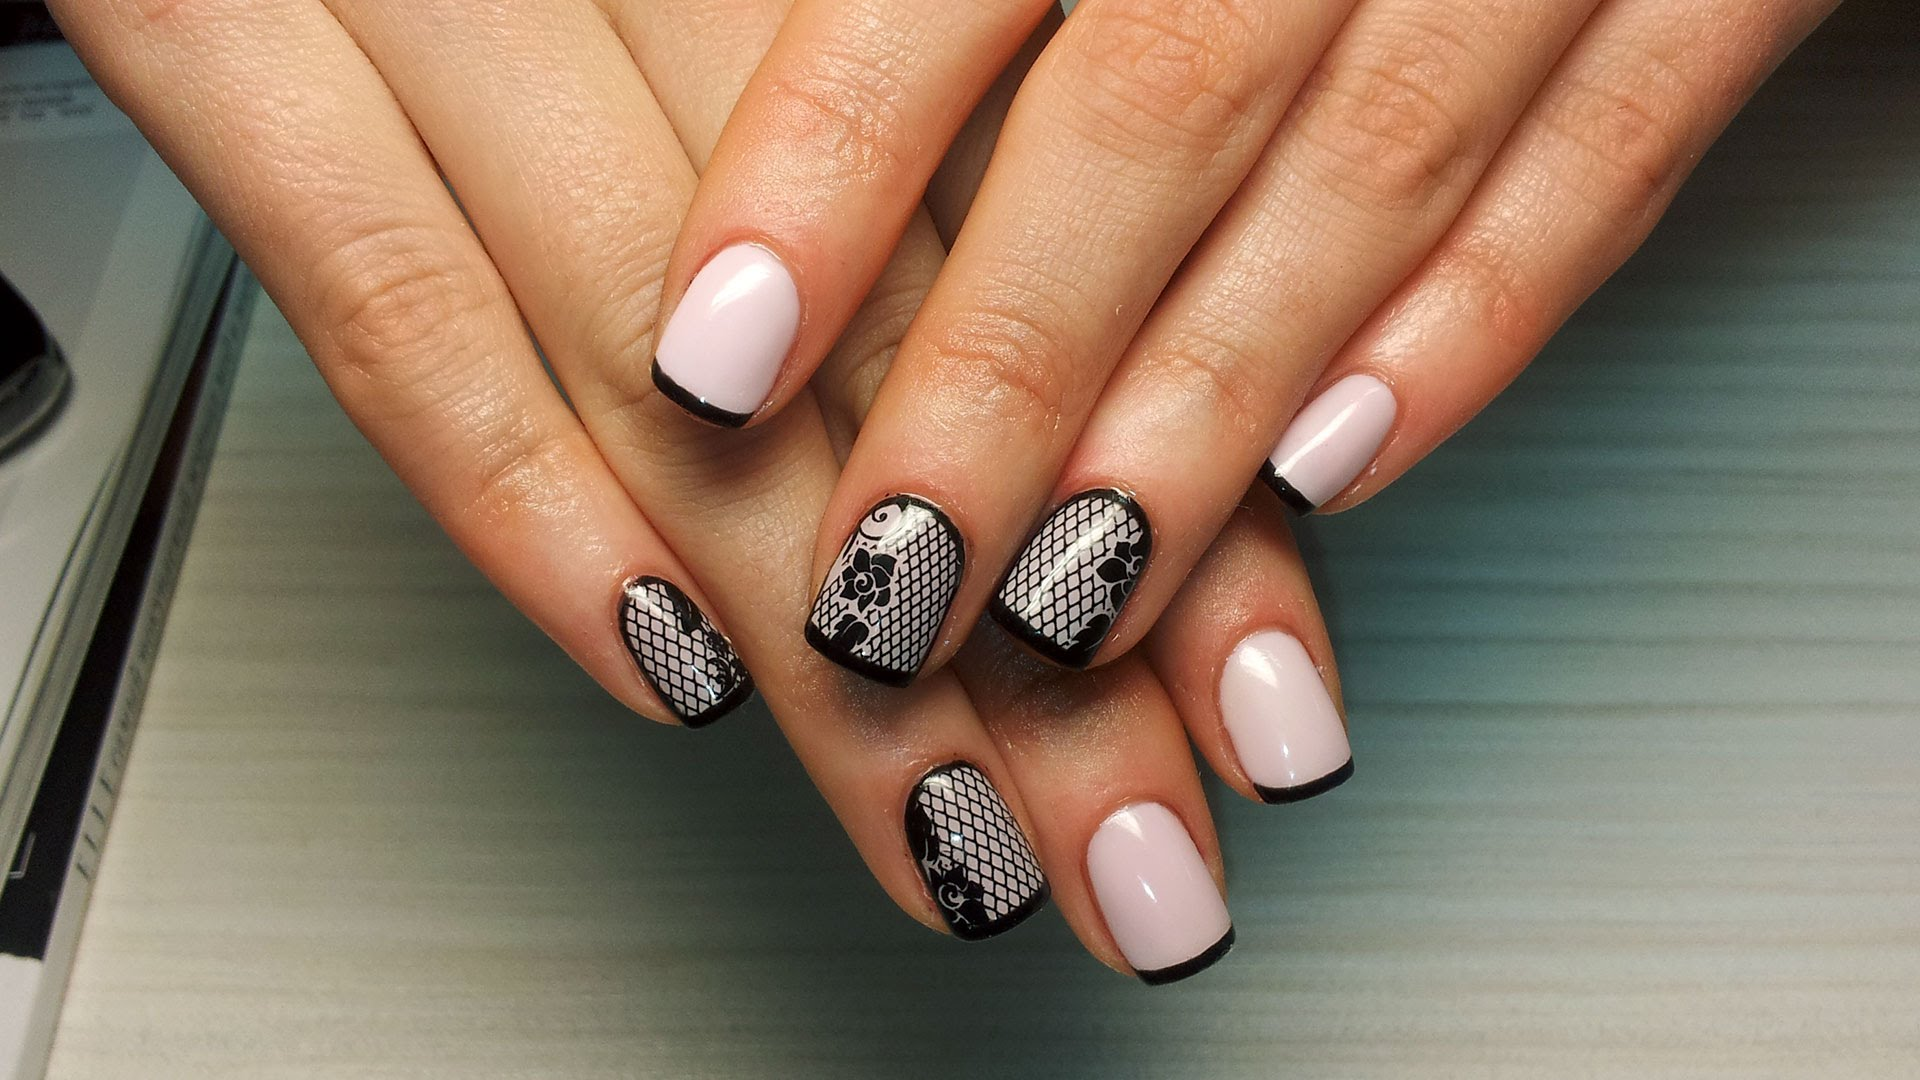 Ногти гель лак на свои ногти дизайн 2016